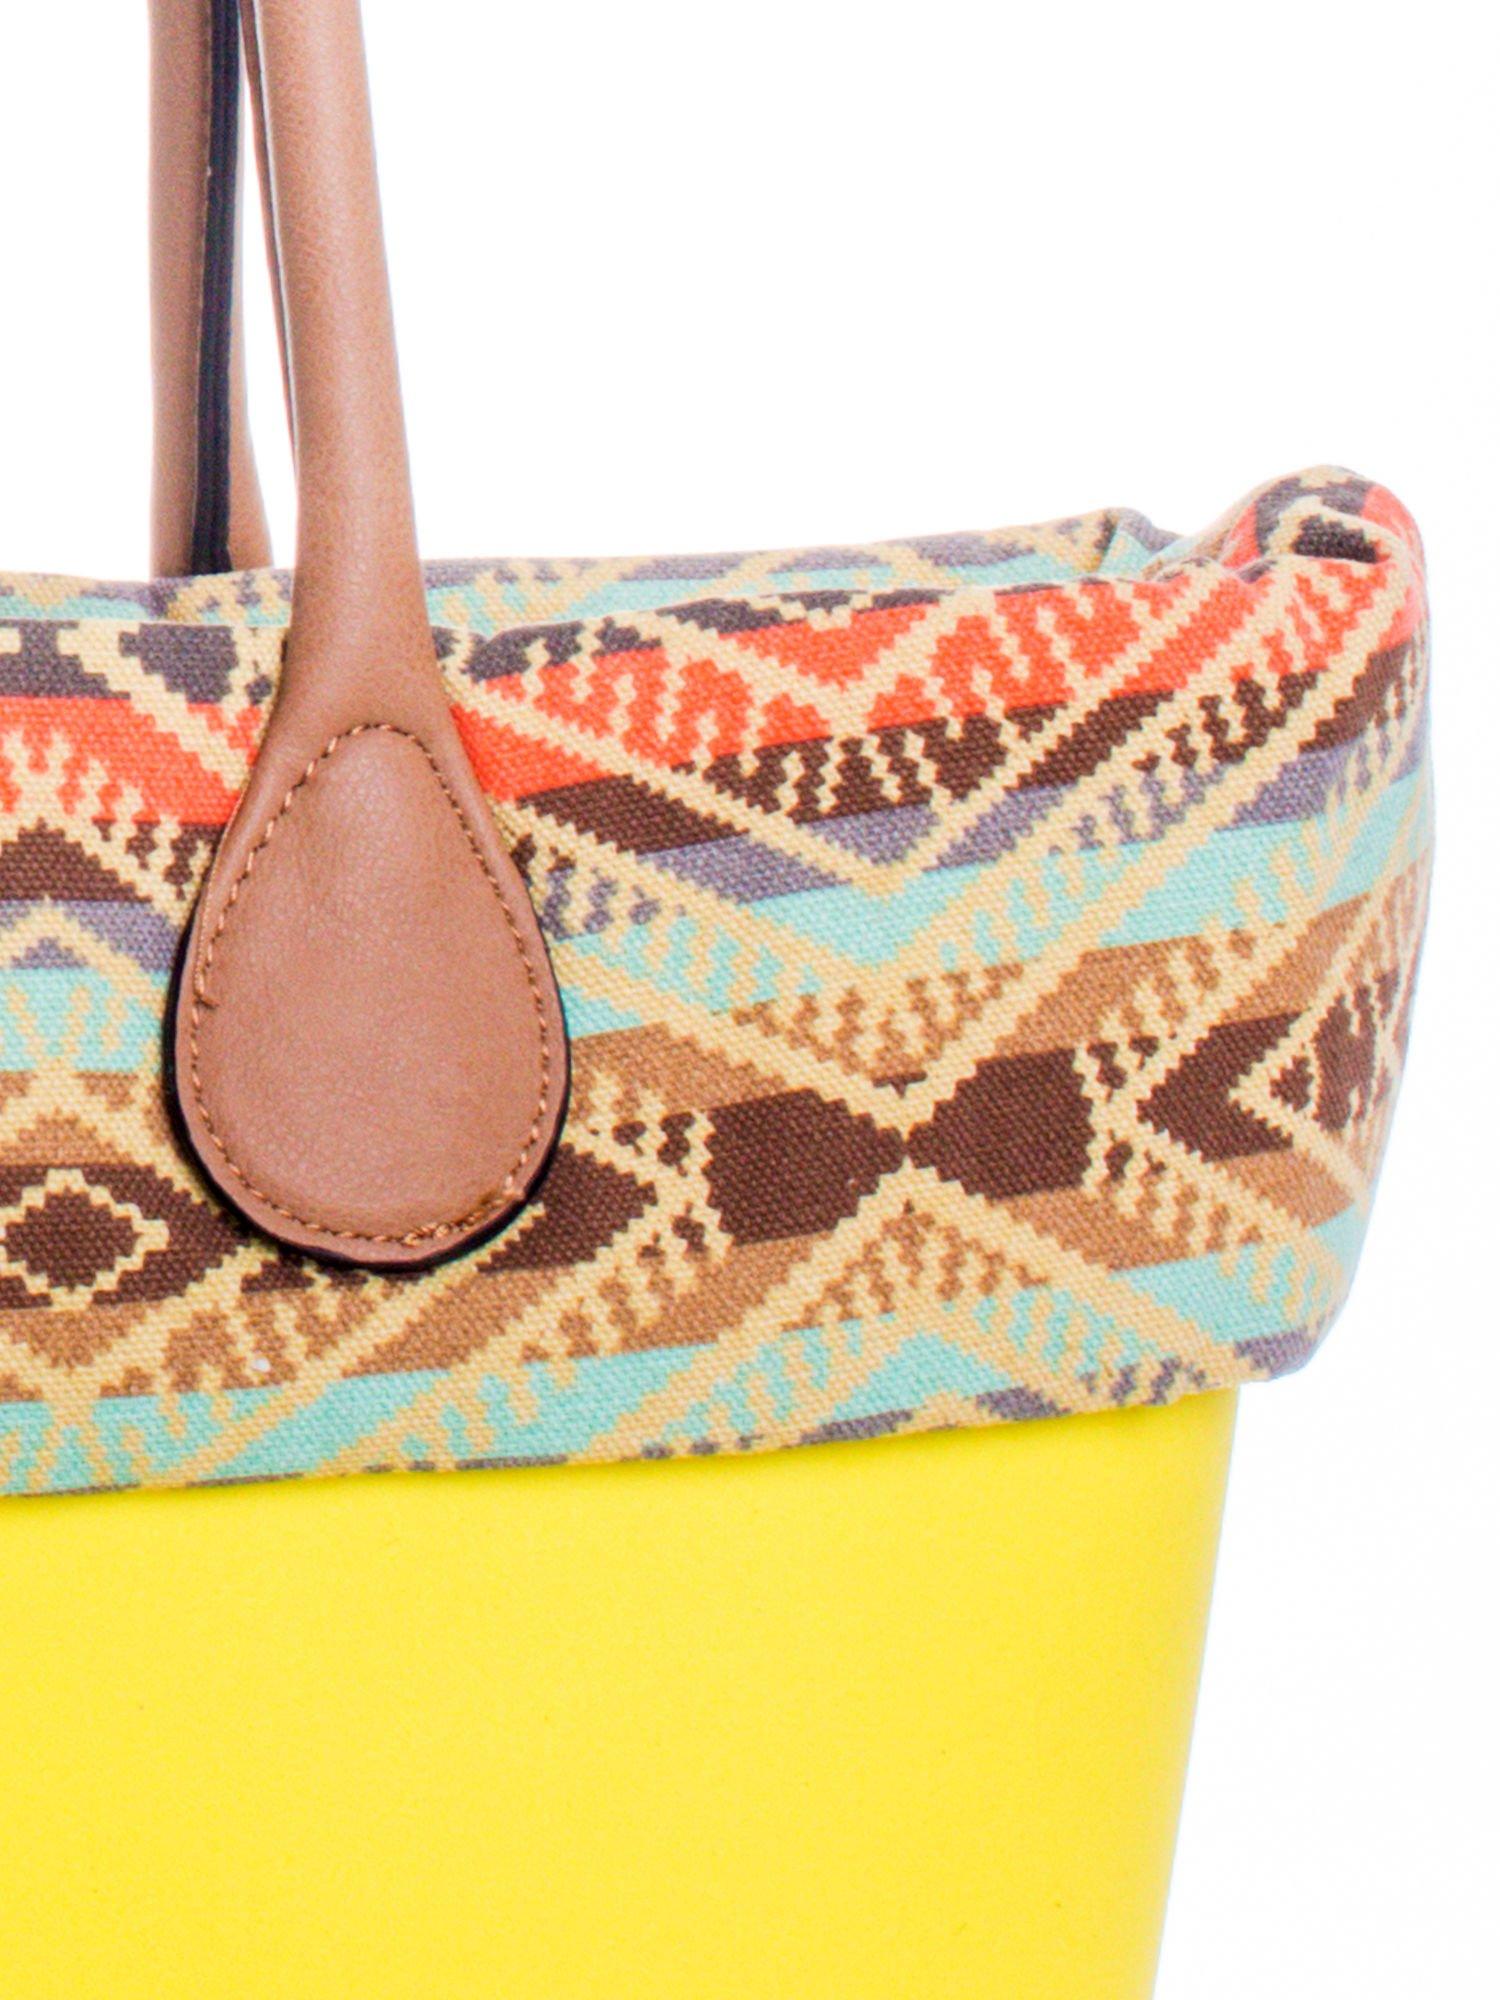 Żólta torba gumowa z motywem azteckim                                  zdj.                                  4